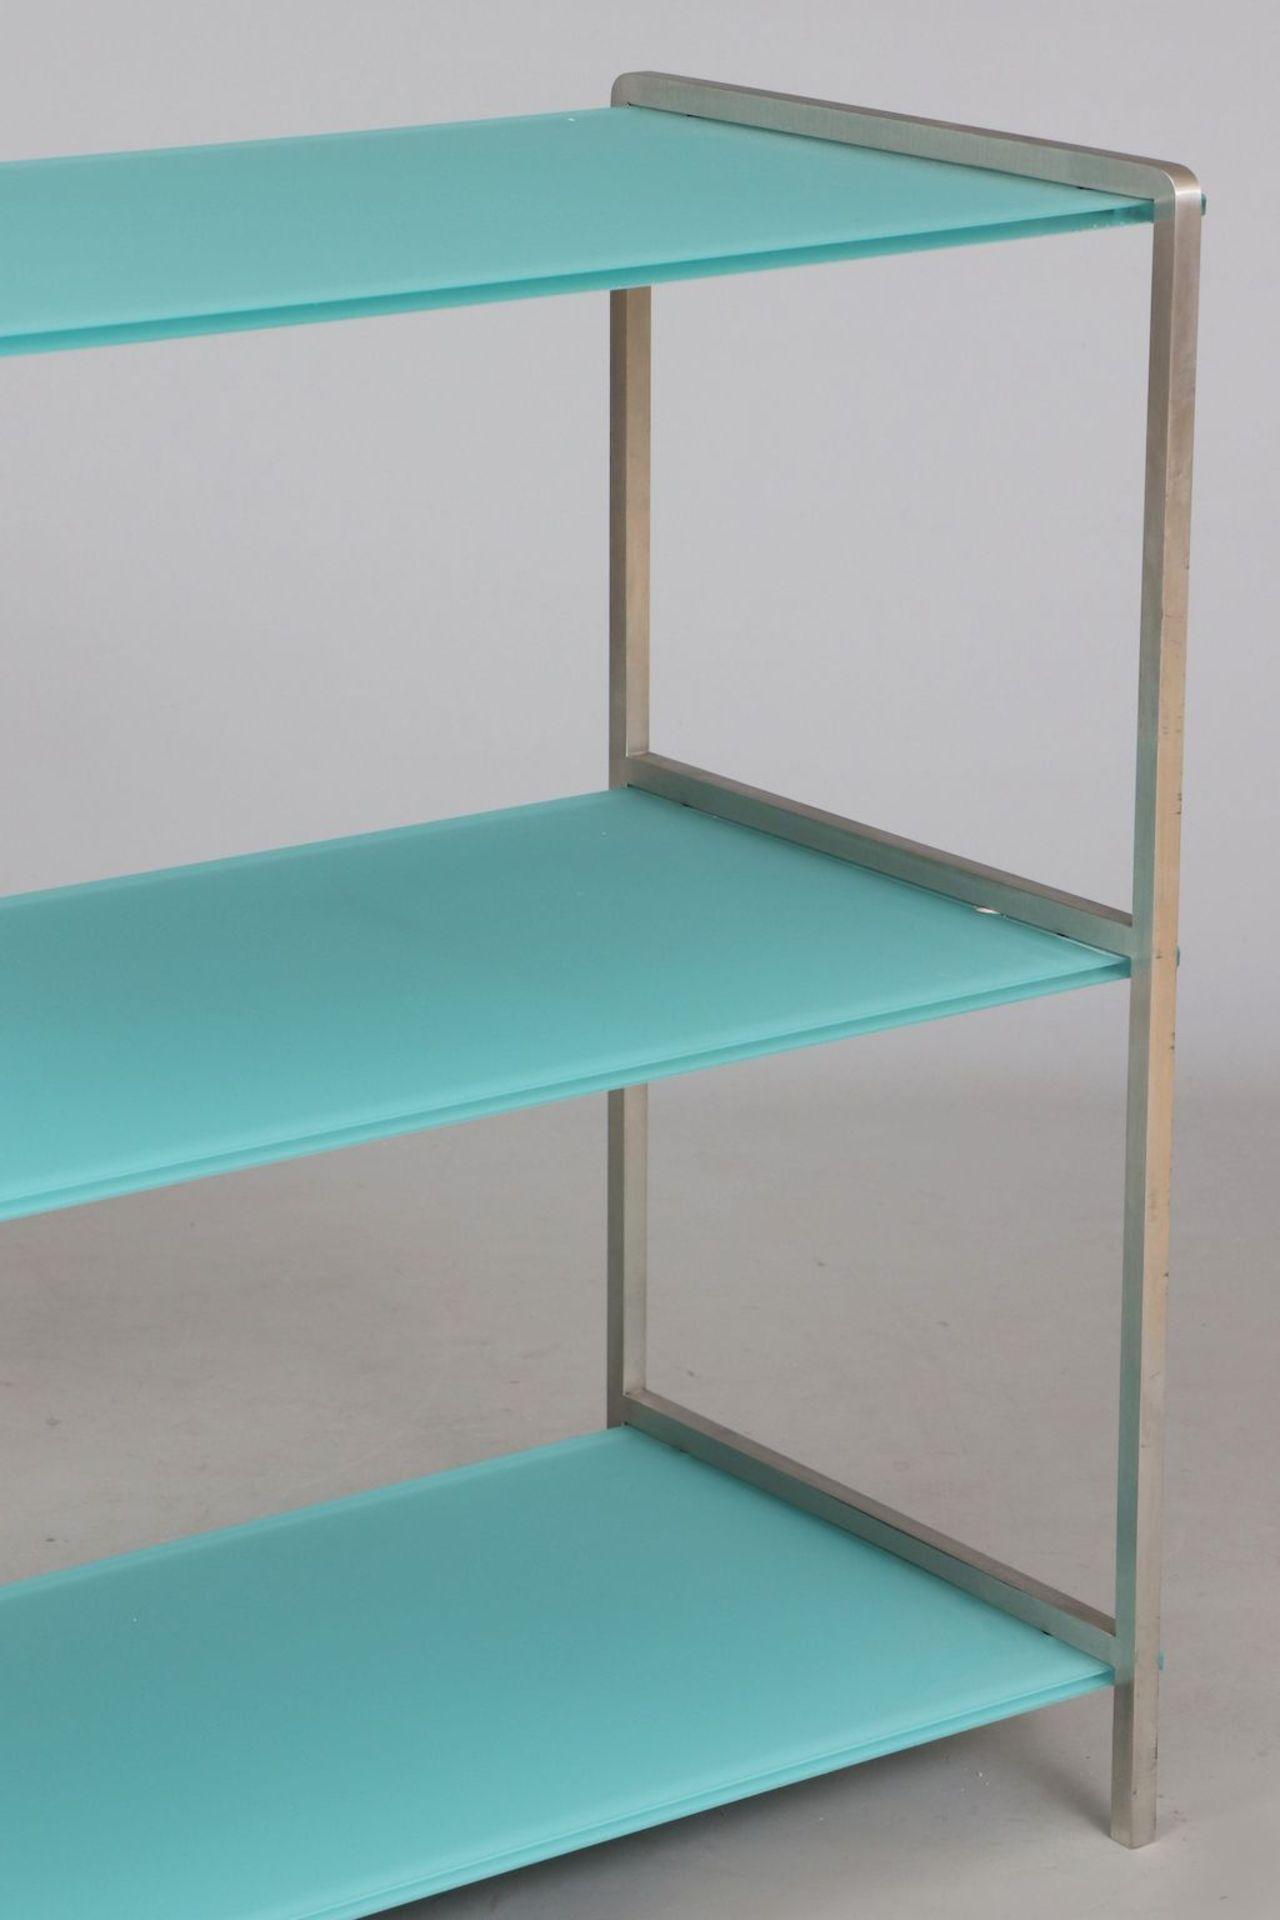 Sideboard/Regal - Image 3 of 4